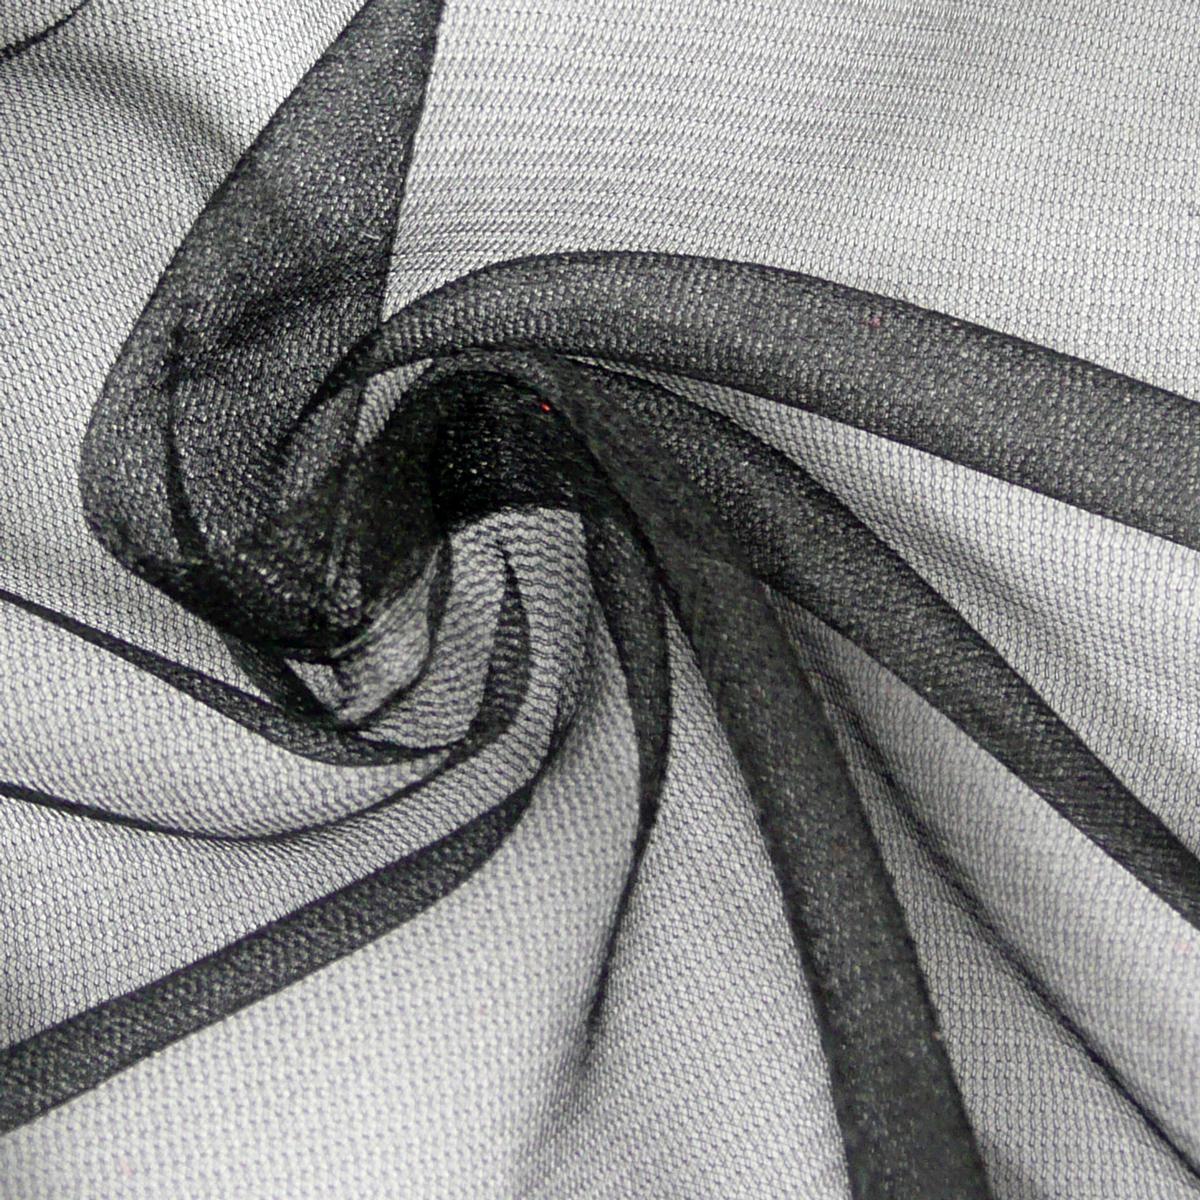 t ll weich schimmer schwarz 1 5m breite alle stoffe stoffe uni polyester. Black Bedroom Furniture Sets. Home Design Ideas